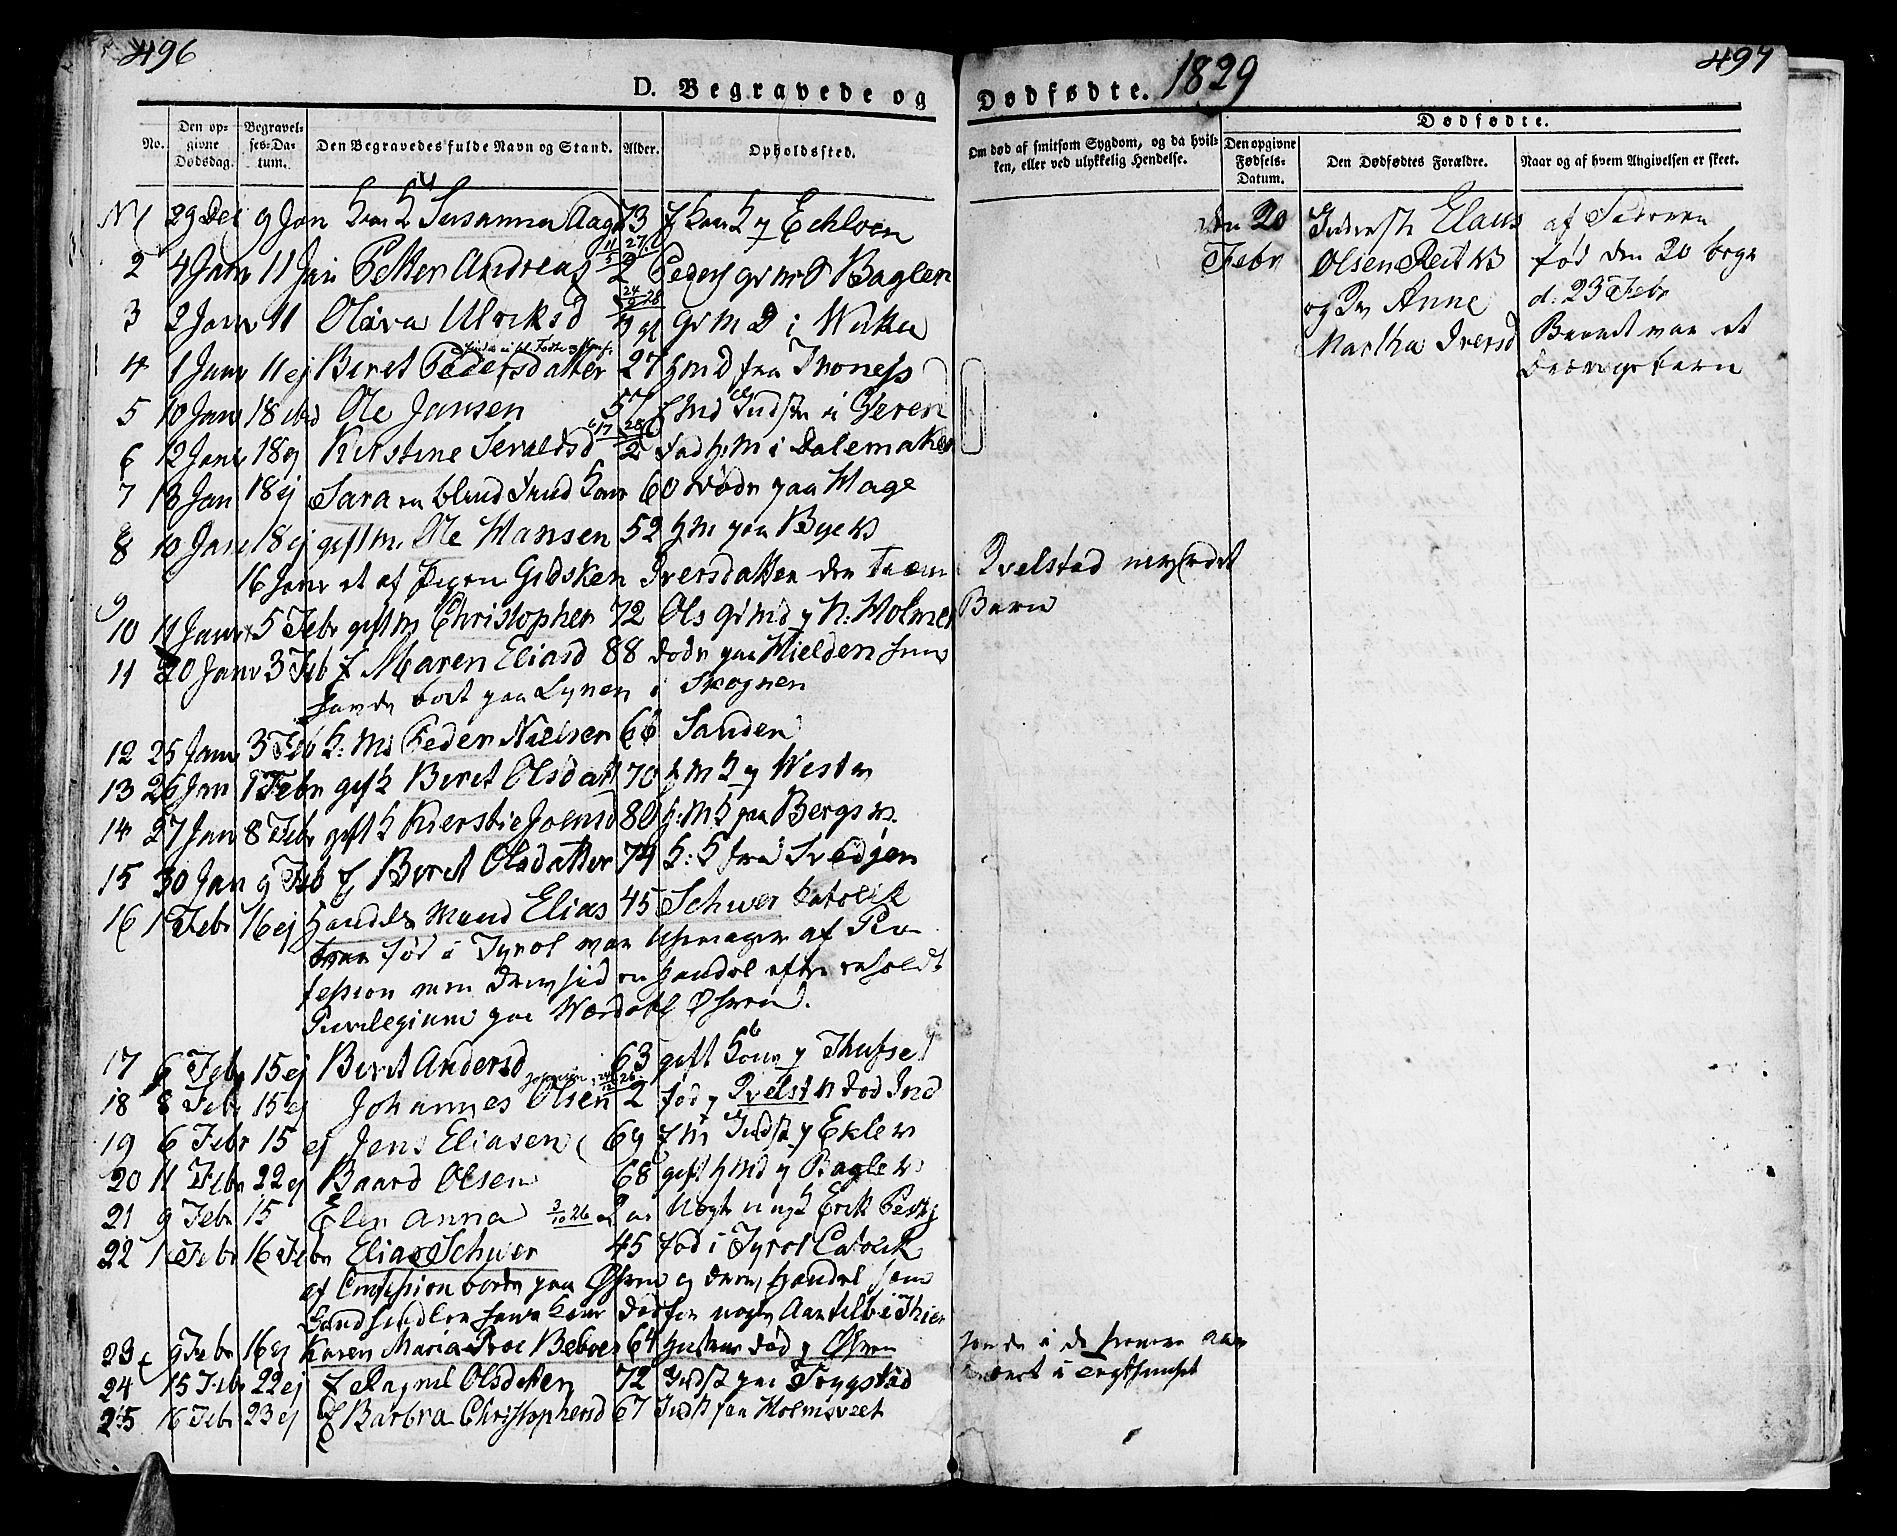 SAT, Ministerialprotokoller, klokkerbøker og fødselsregistre - Nord-Trøndelag, 723/L0237: Ministerialbok nr. 723A06, 1822-1830, s. 496-497